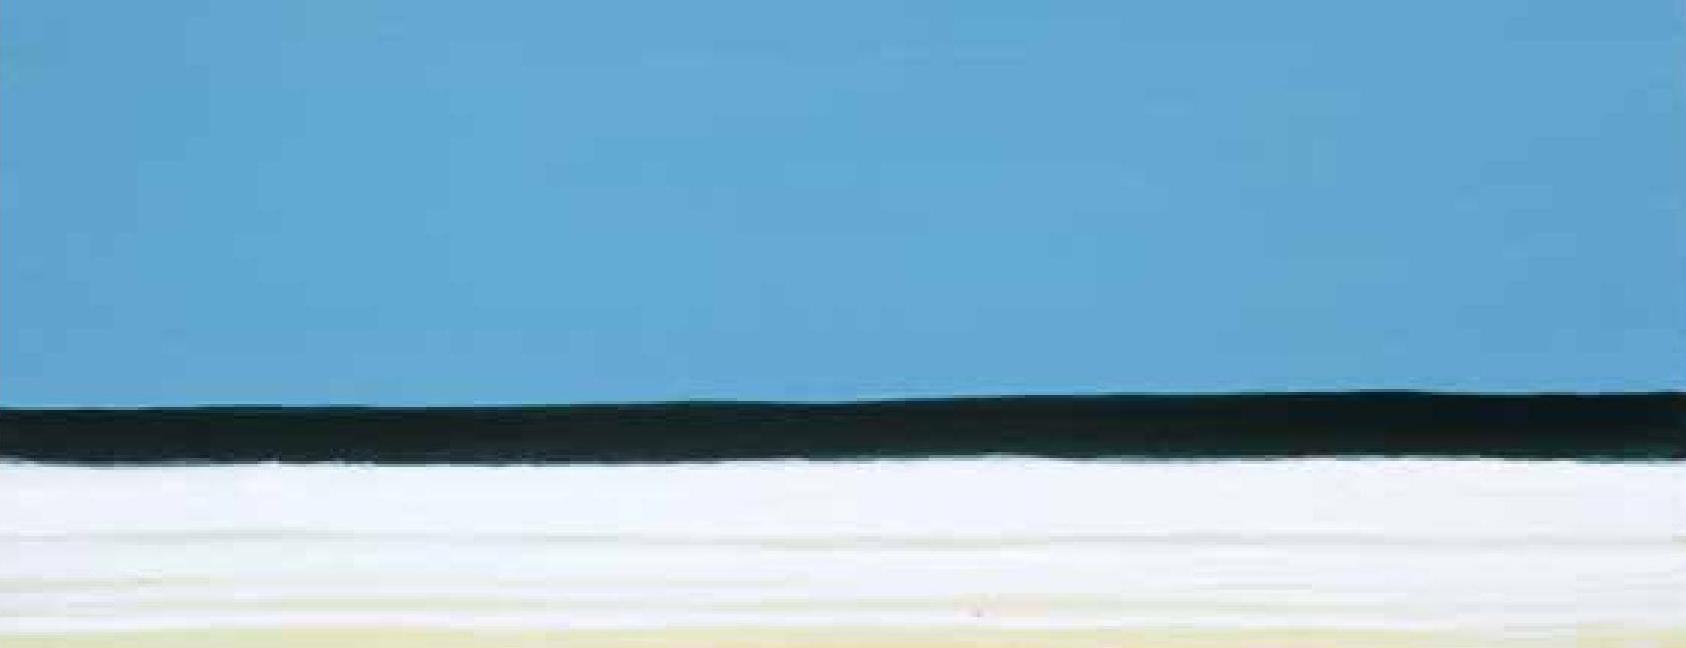 Pintura da série 'Ondas', que brinca com o ritmo do mar